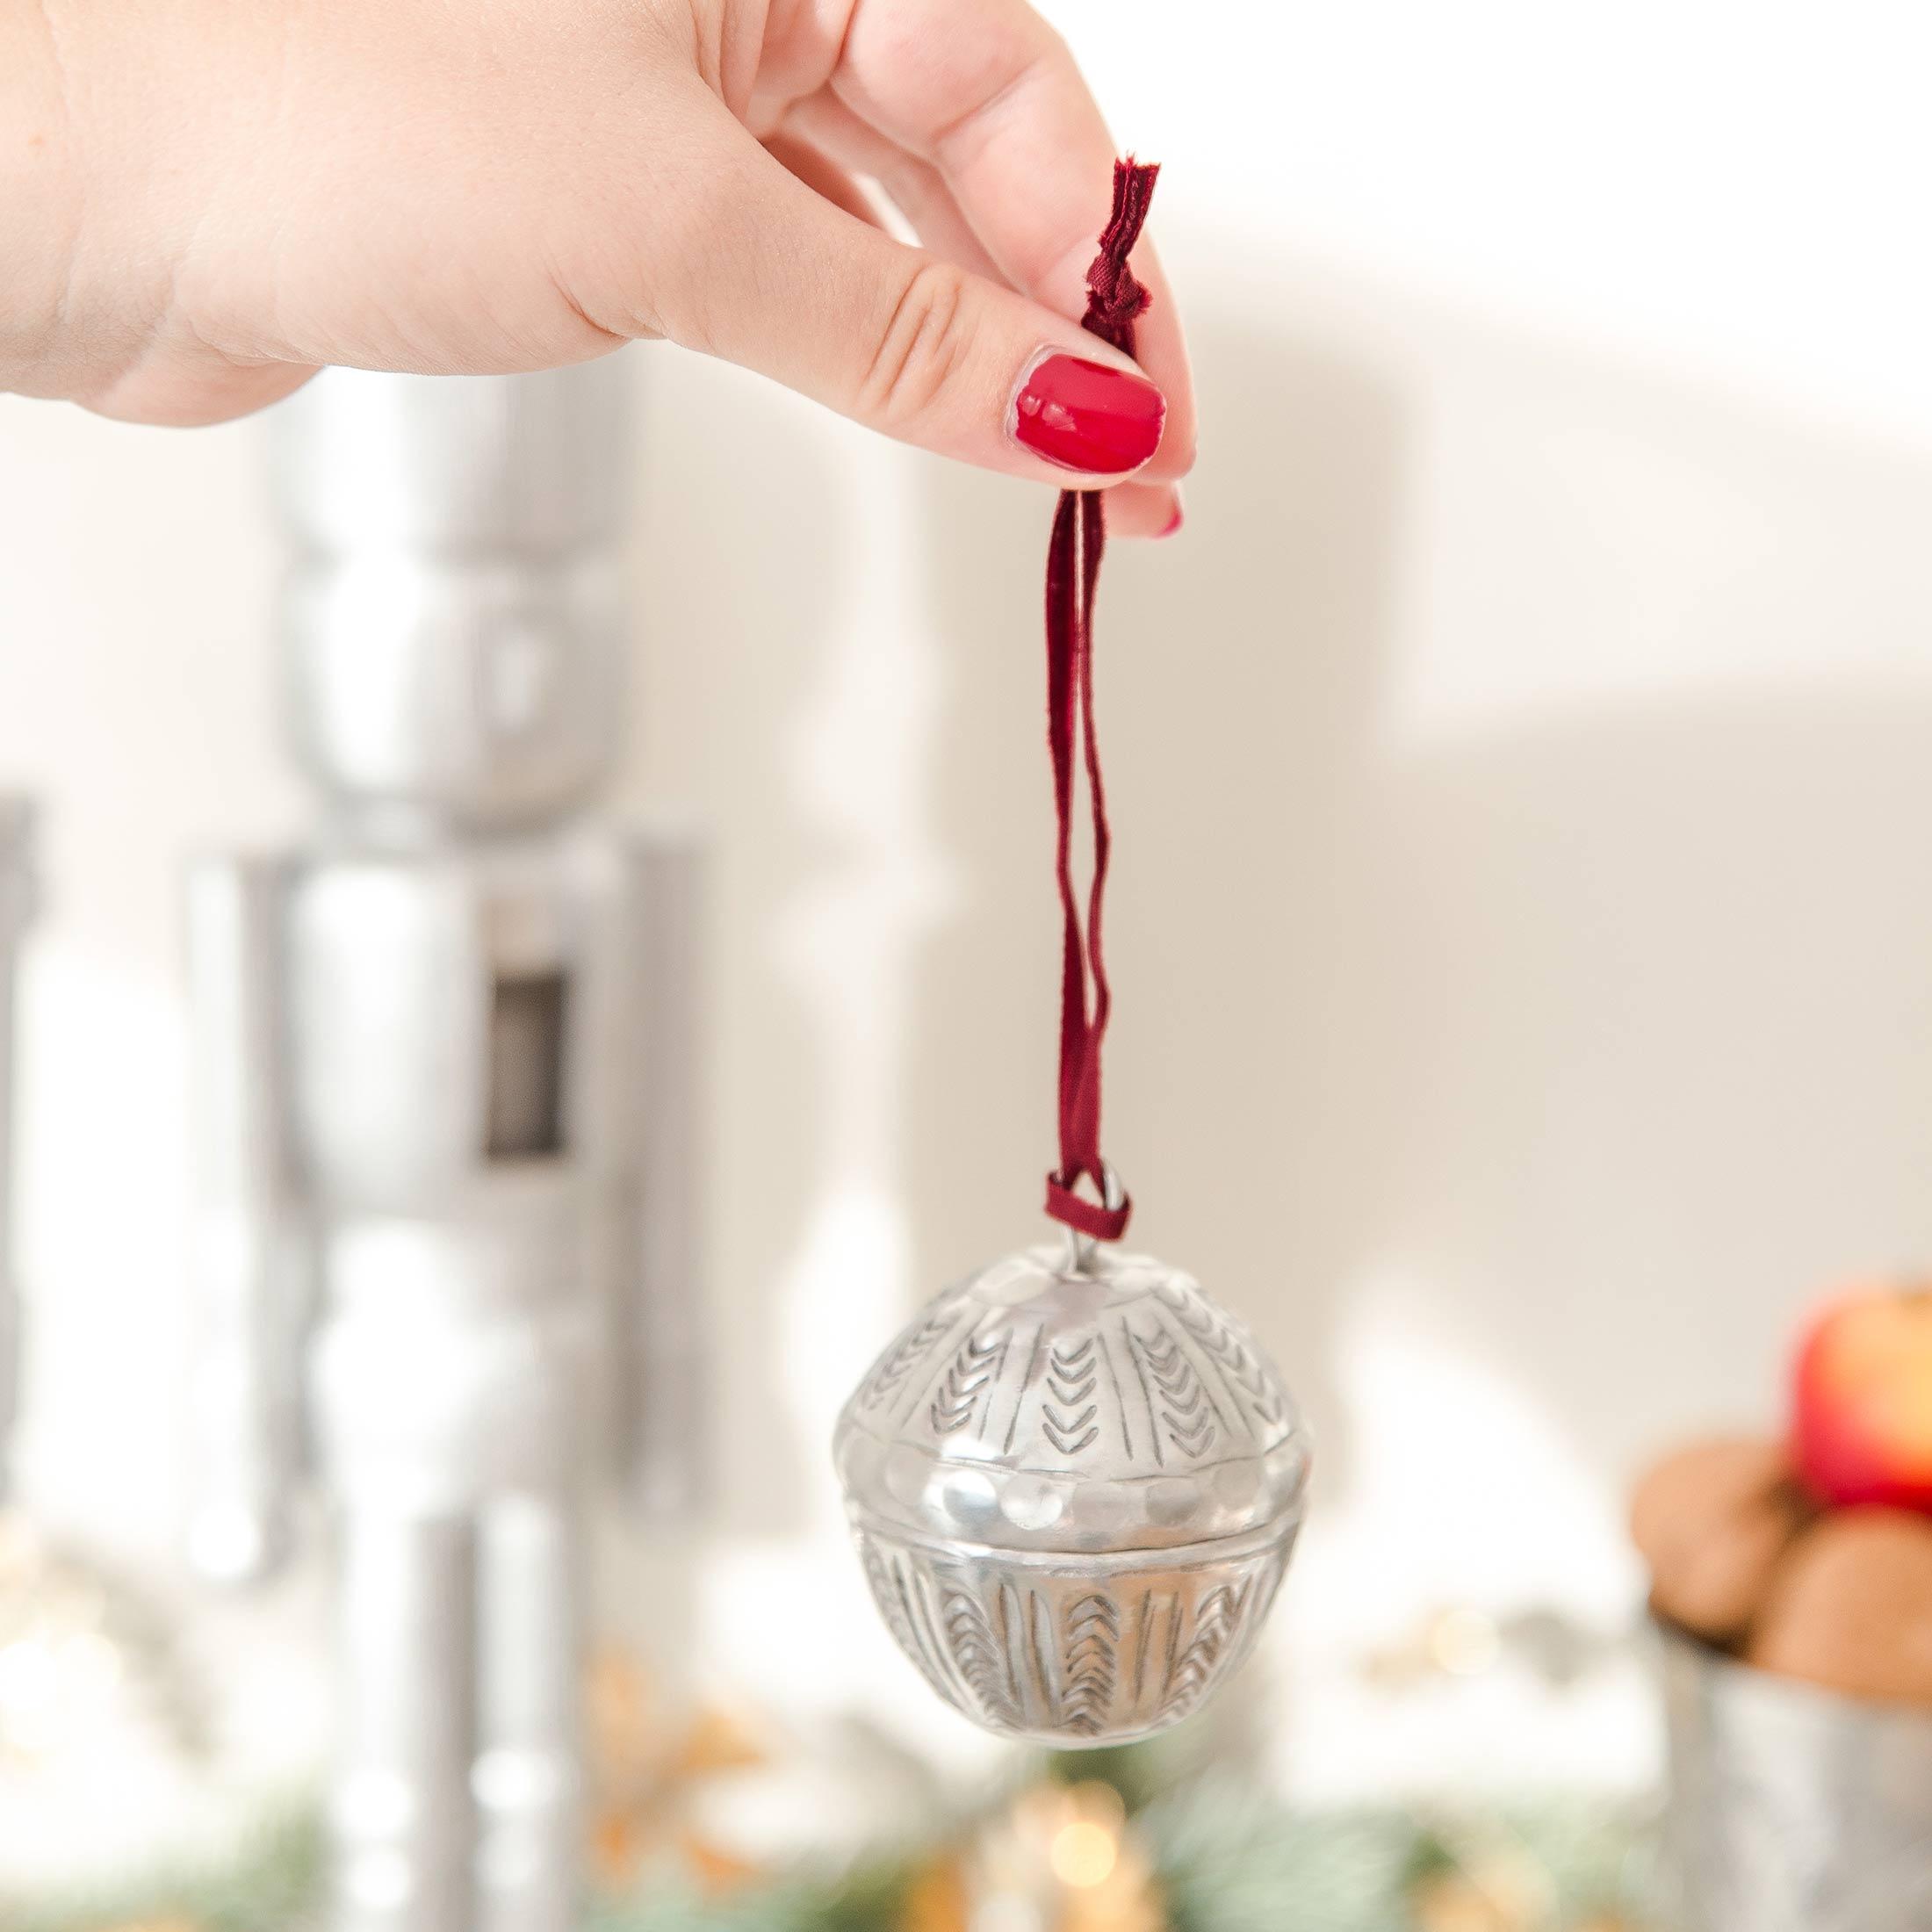 Marokkanische Weihnachtsdeko in vielen Farben zum öffnen von der Marke Van Verre. Christbaumschmuck aus Metall, Silber mit Muster